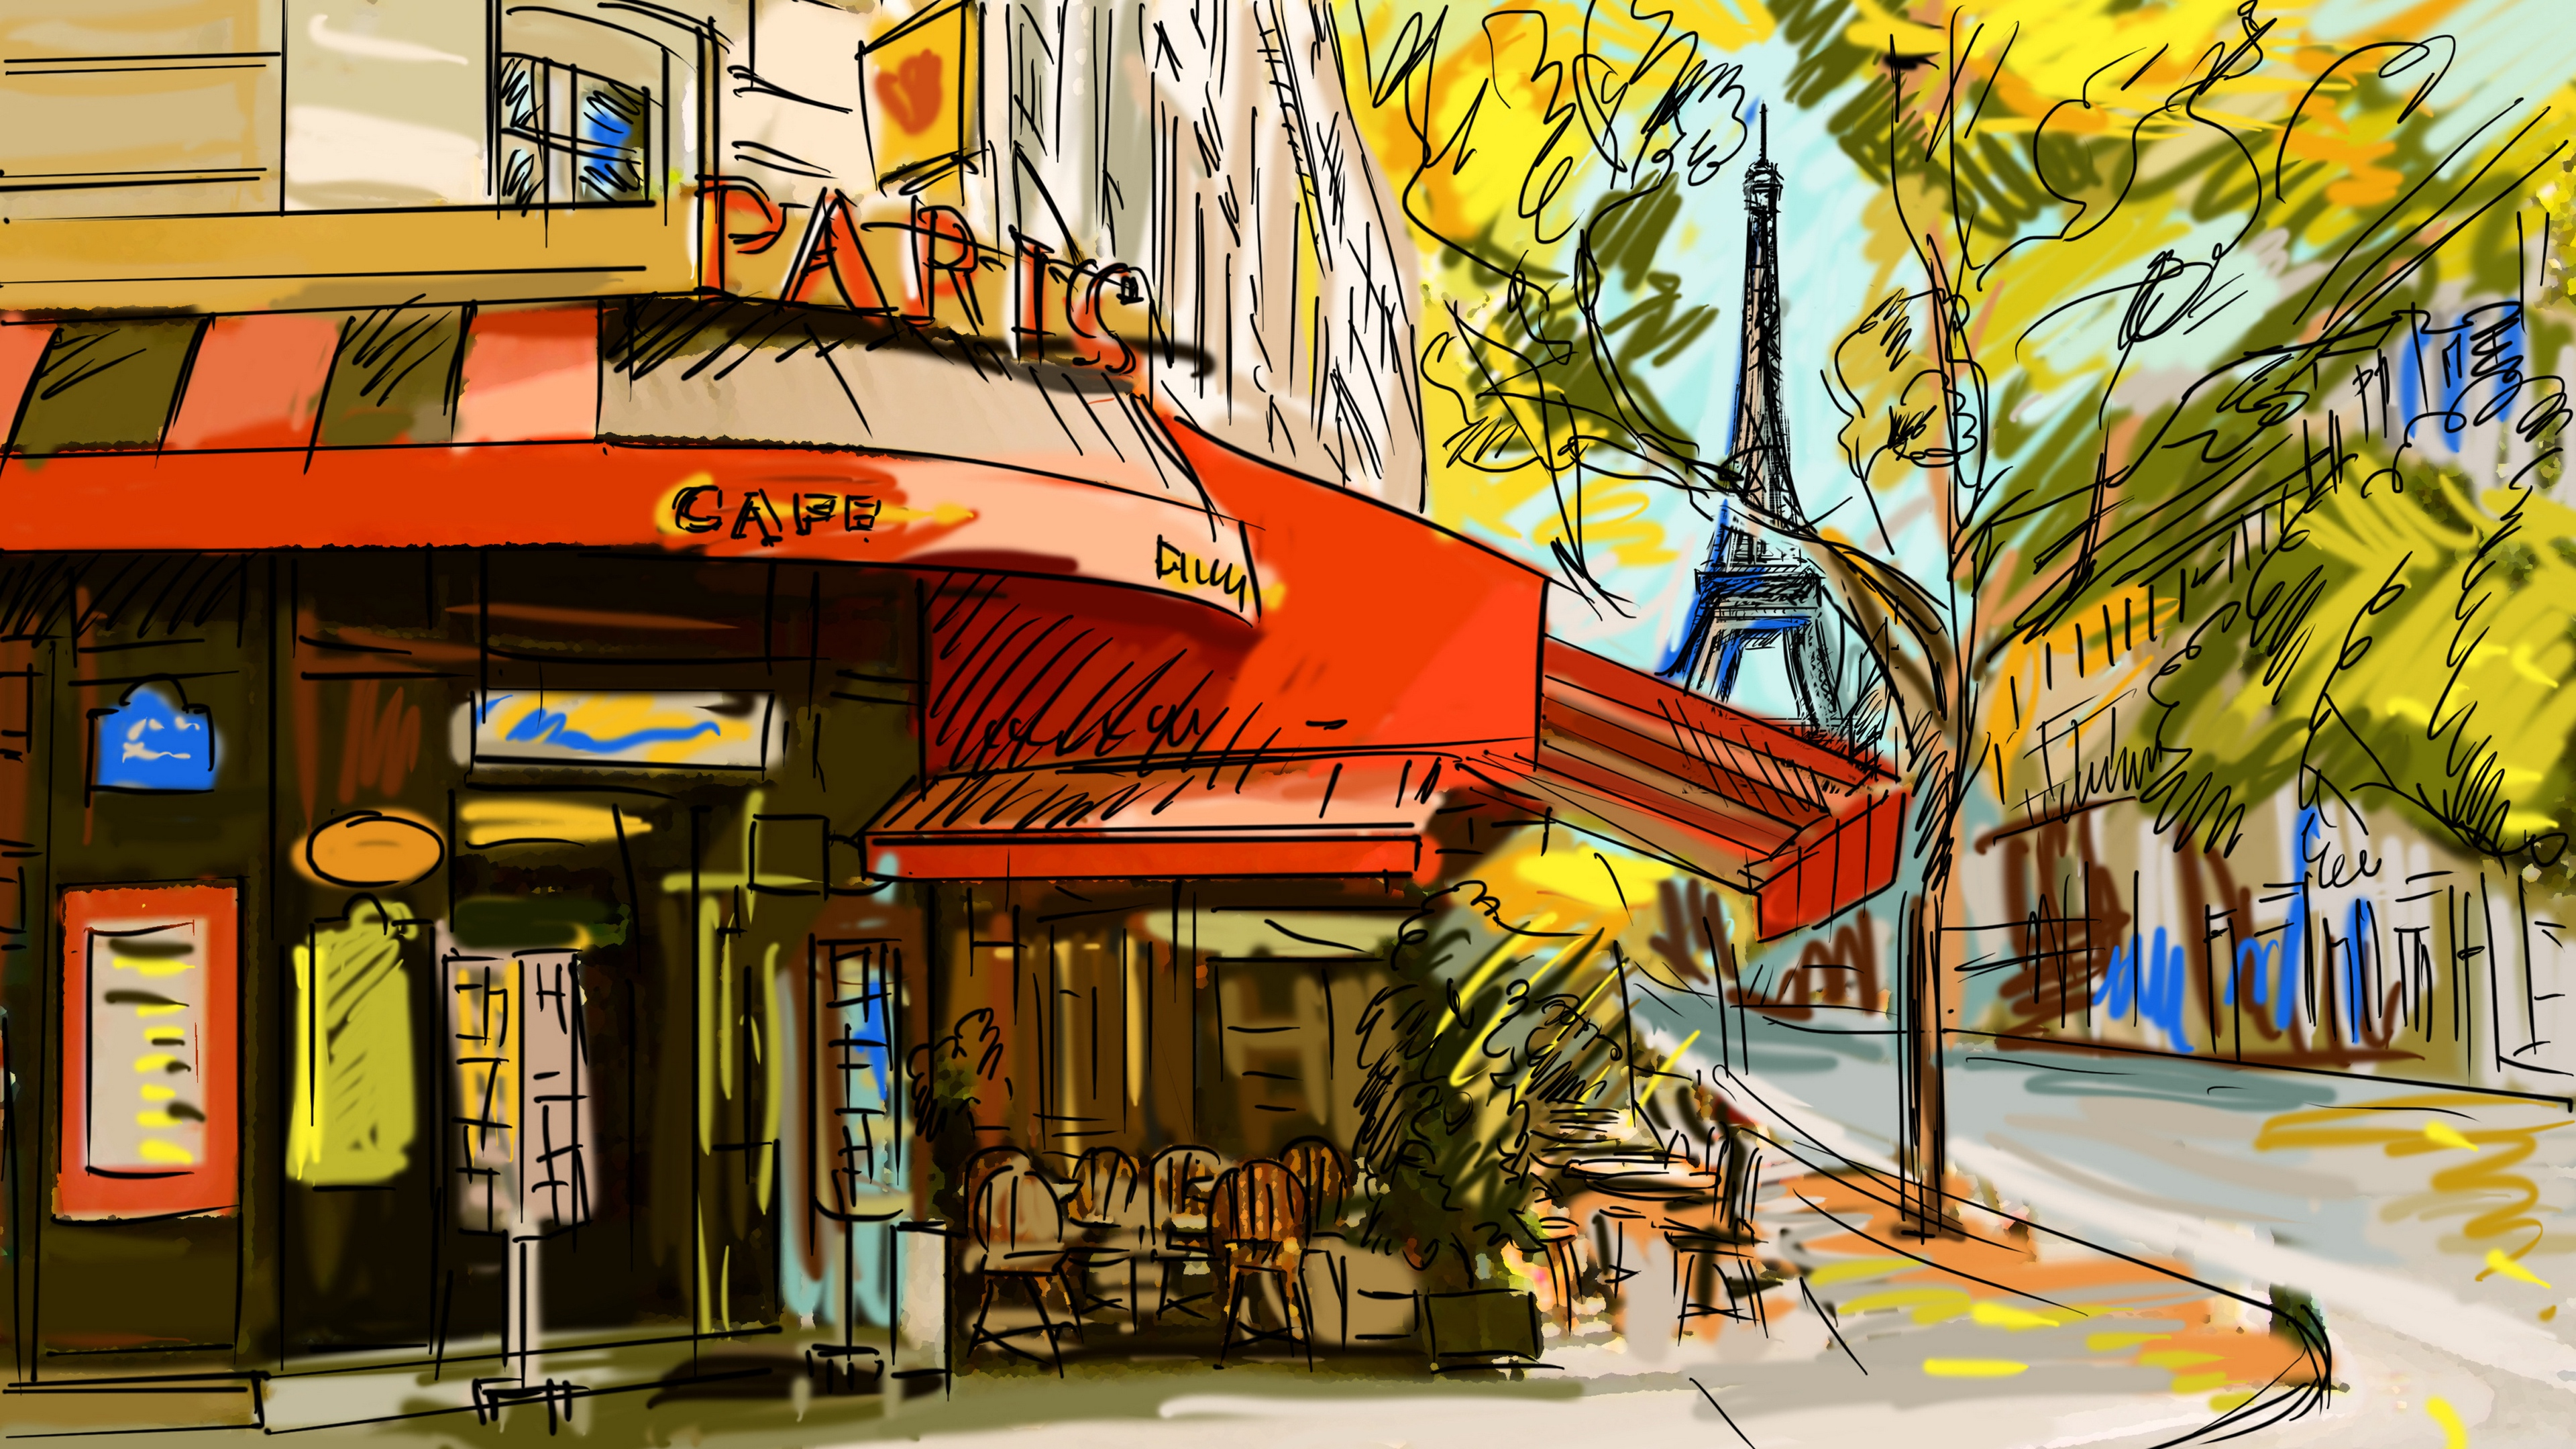 France Cafe Picture Paris 4k Paris Cafe Hd 3840x2160 Wallpaper Teahub Io